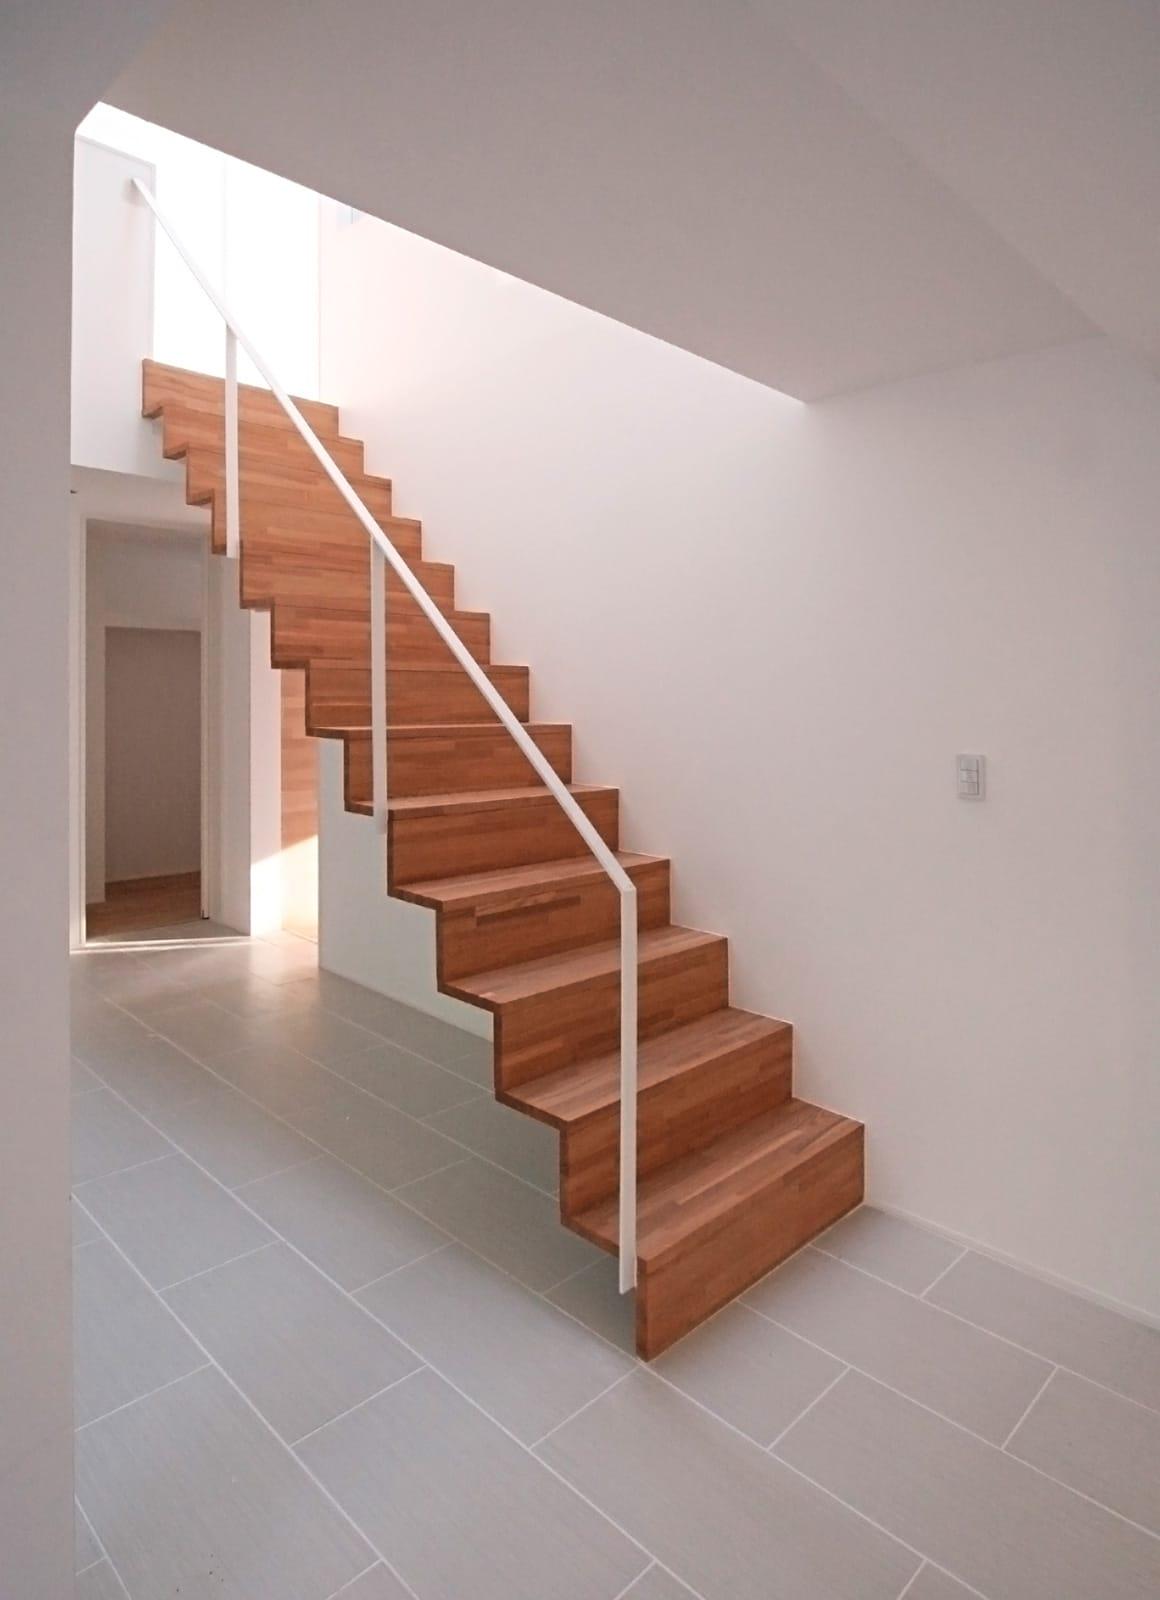 吹抜から光の注ぐSOHO住宅の階段(鉄骨製)1